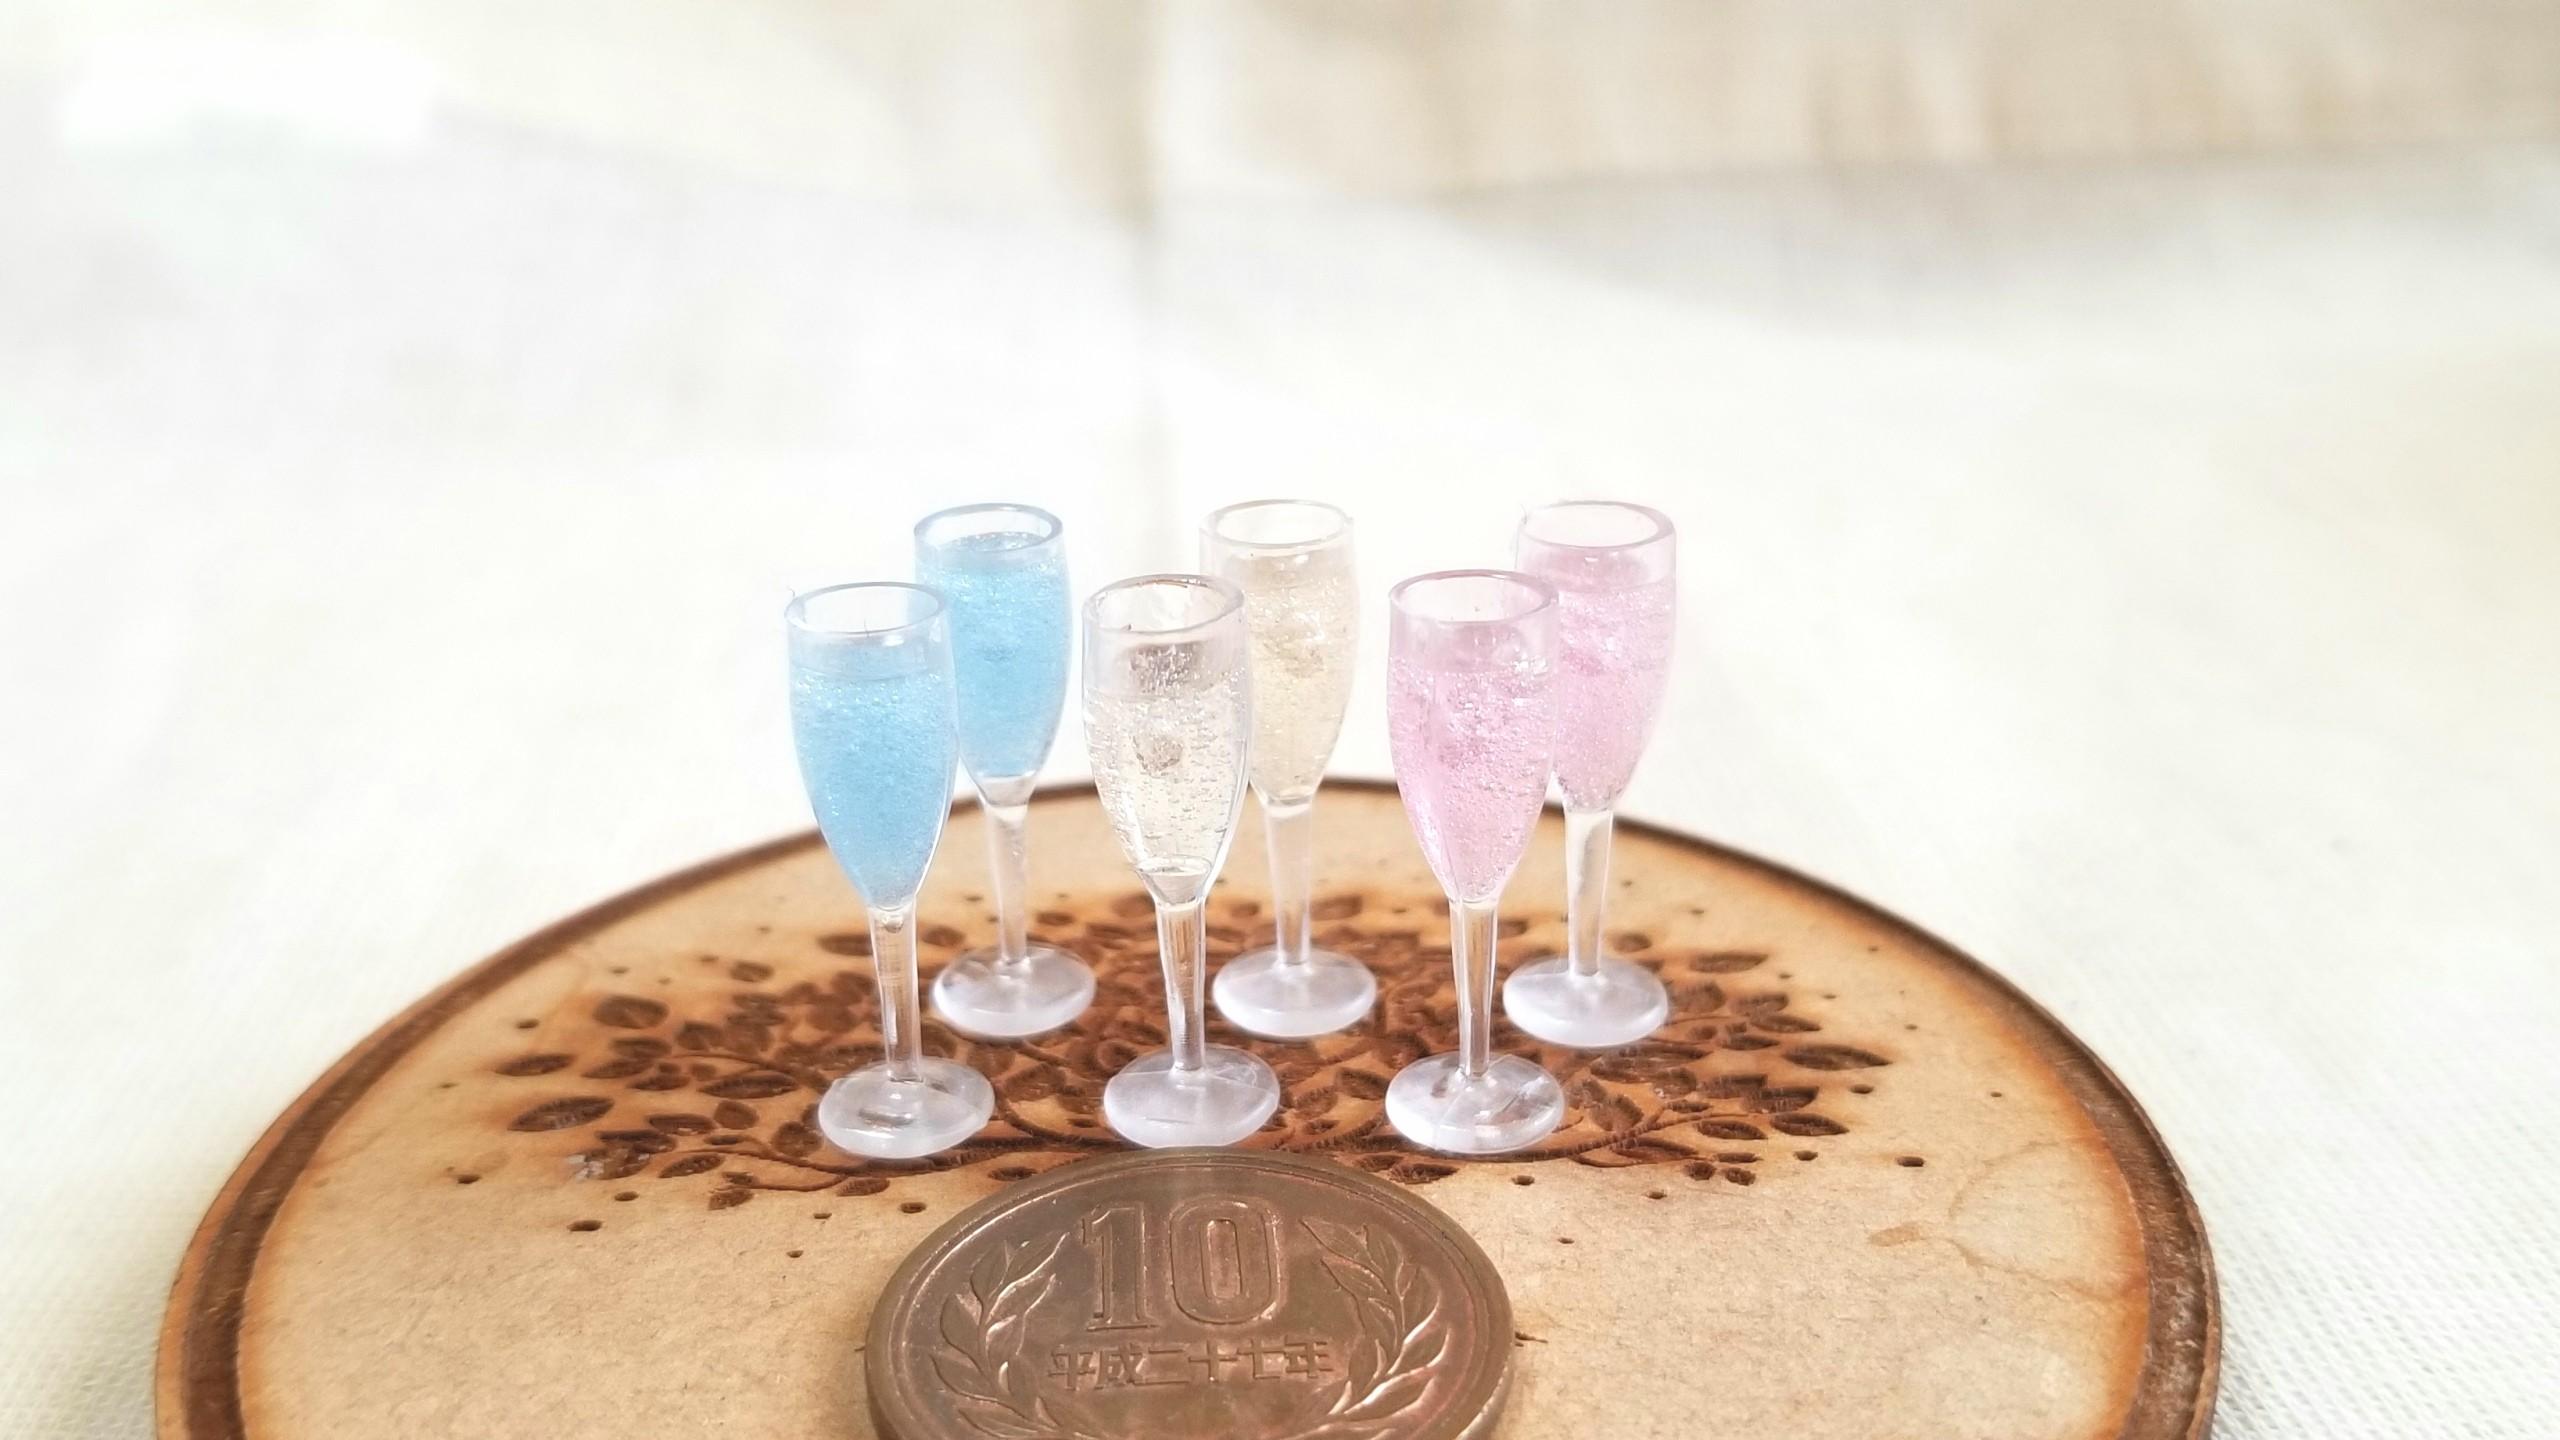 ミニチュアフード,レジン,シャンパン,ワイン,ミンネで販売中,ドール